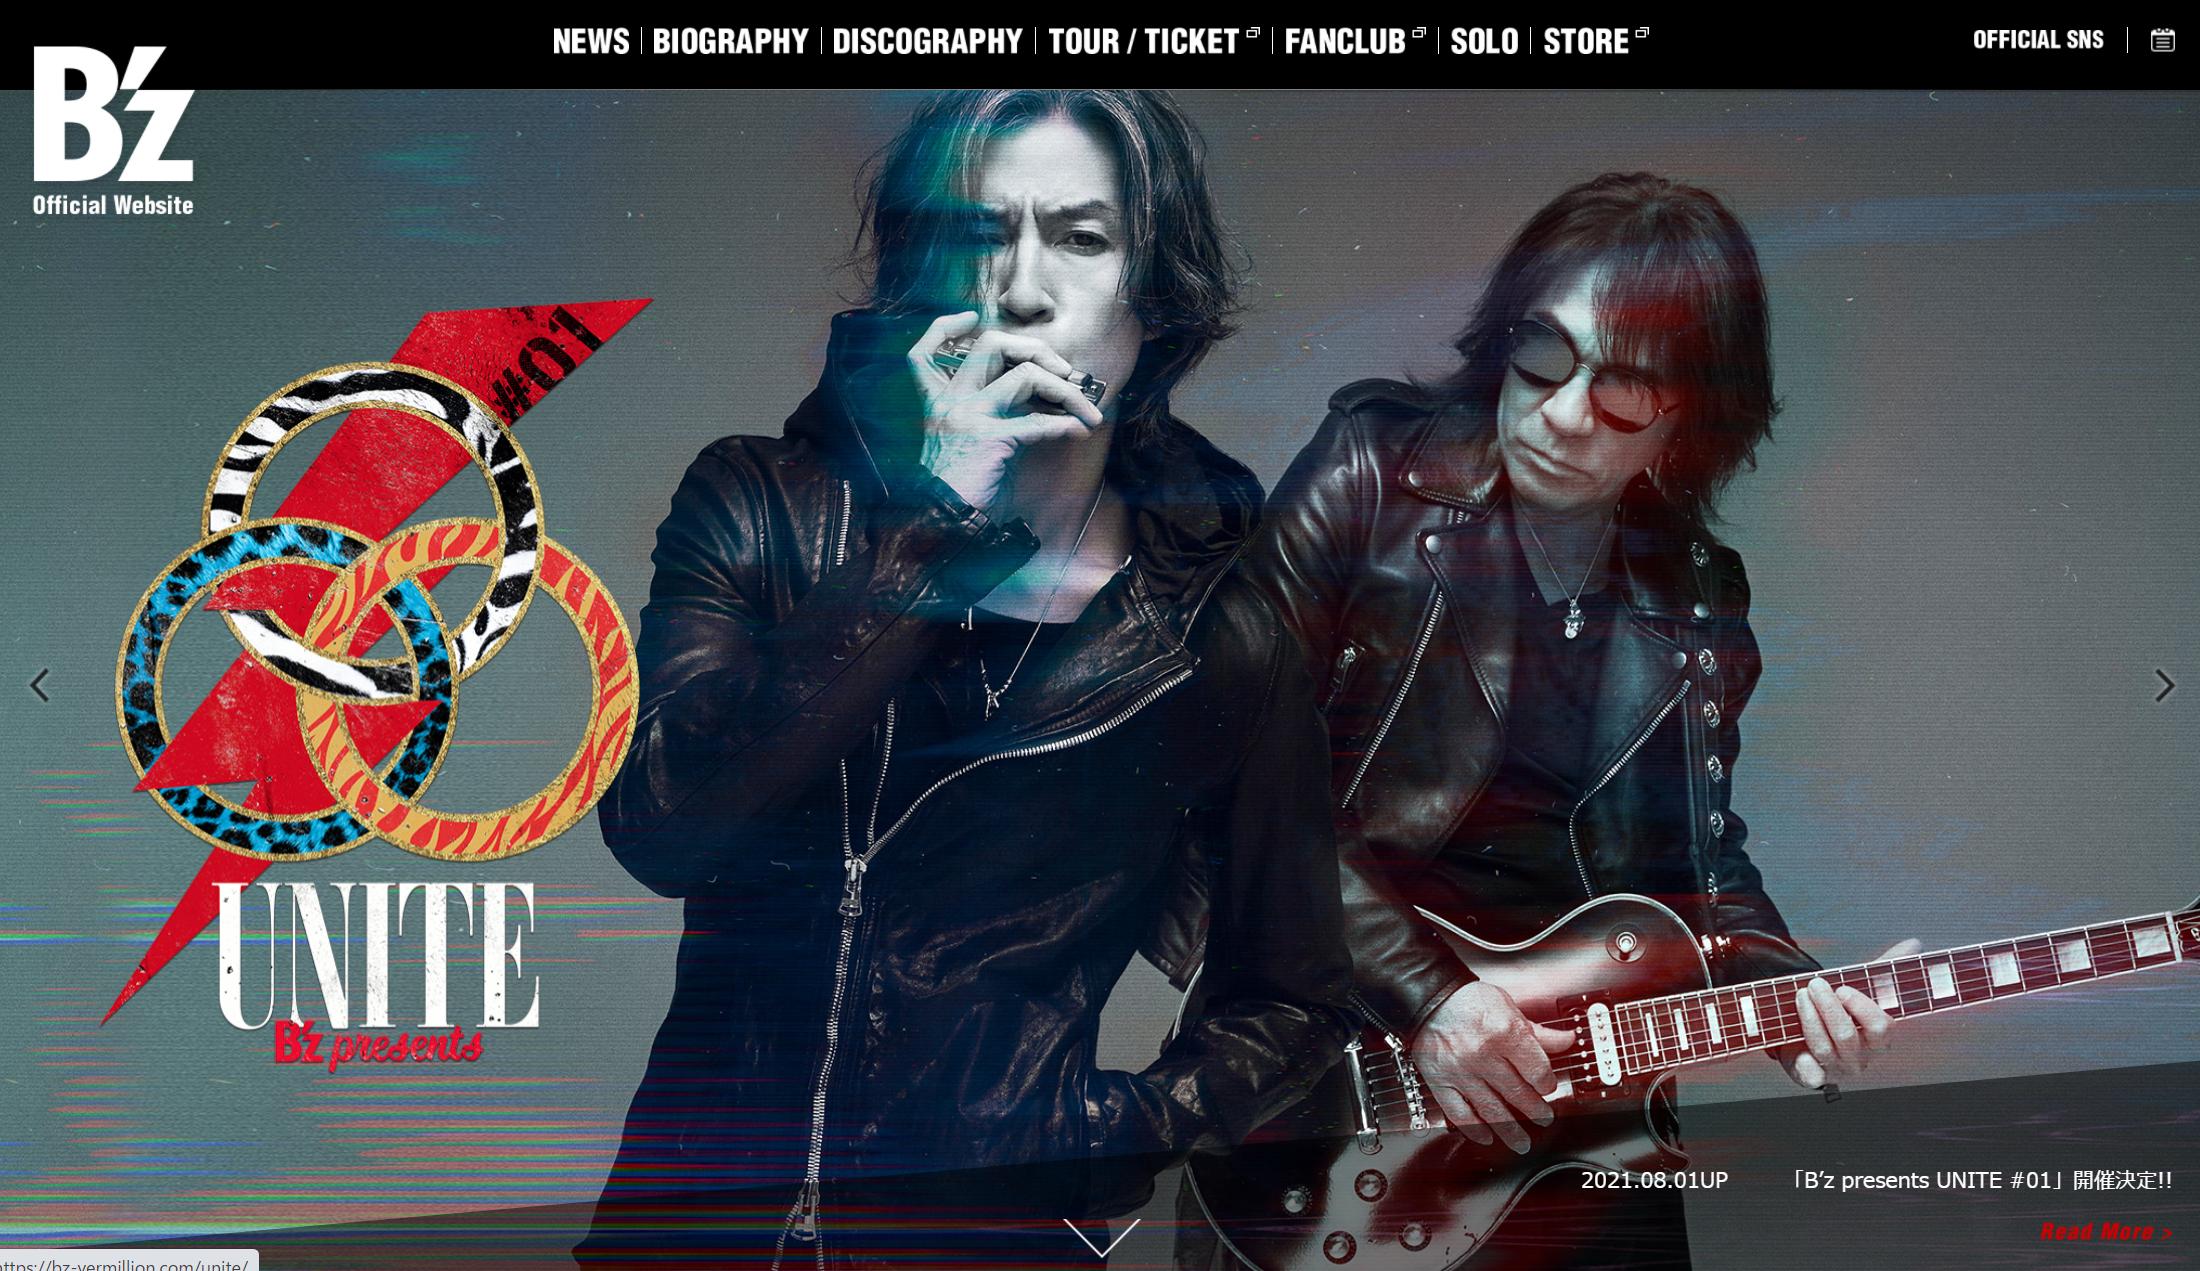 B'zの公式サイトのトップページ